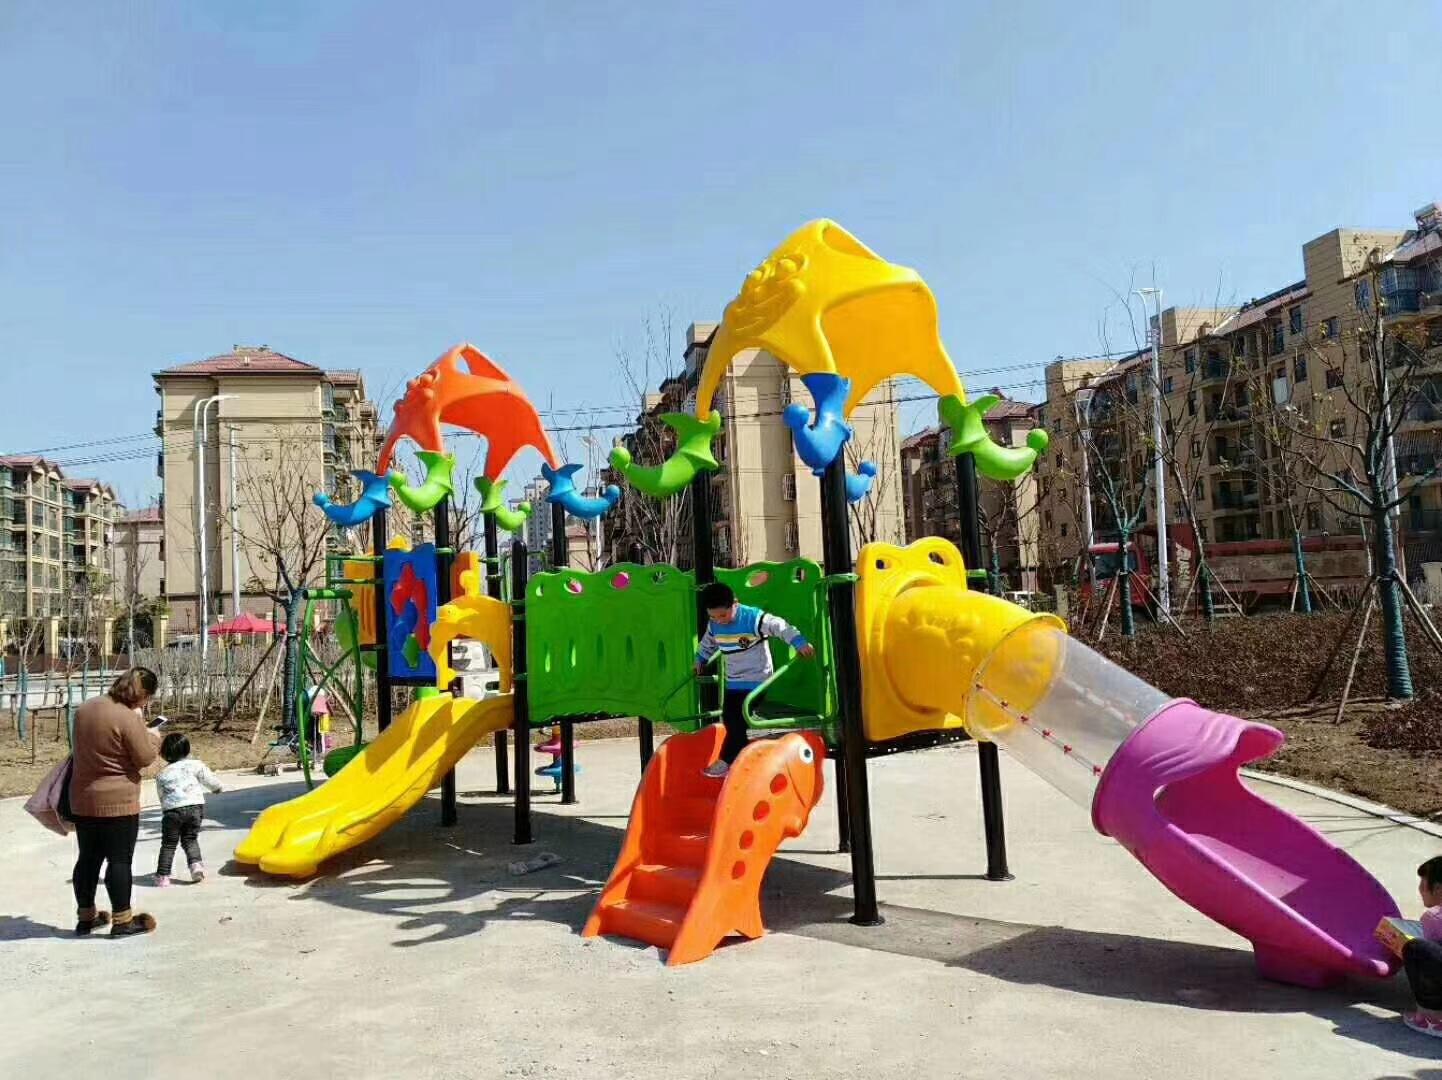 专业生产定制室外小区广场幼儿园滑梯 户外儿童乐园滑梯 物美价廉示例图12